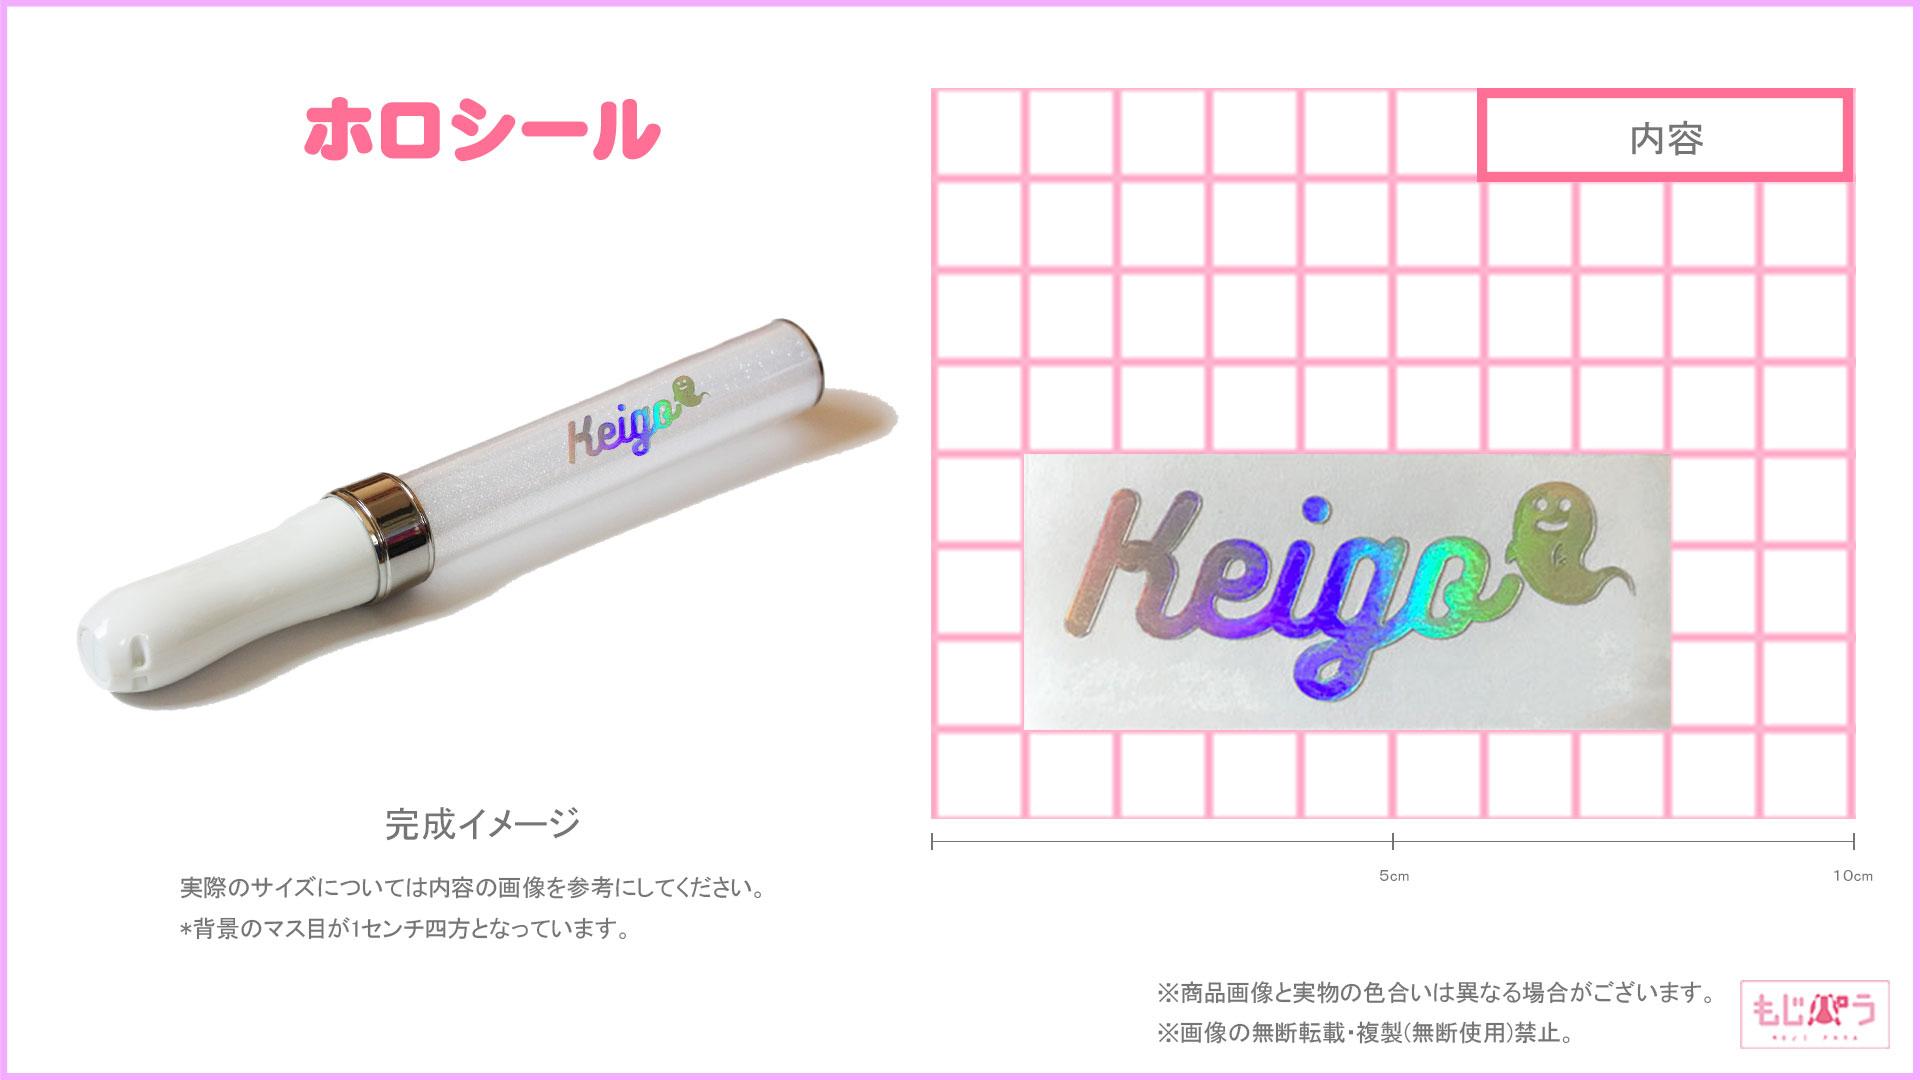 ホロシール【keigo】画像